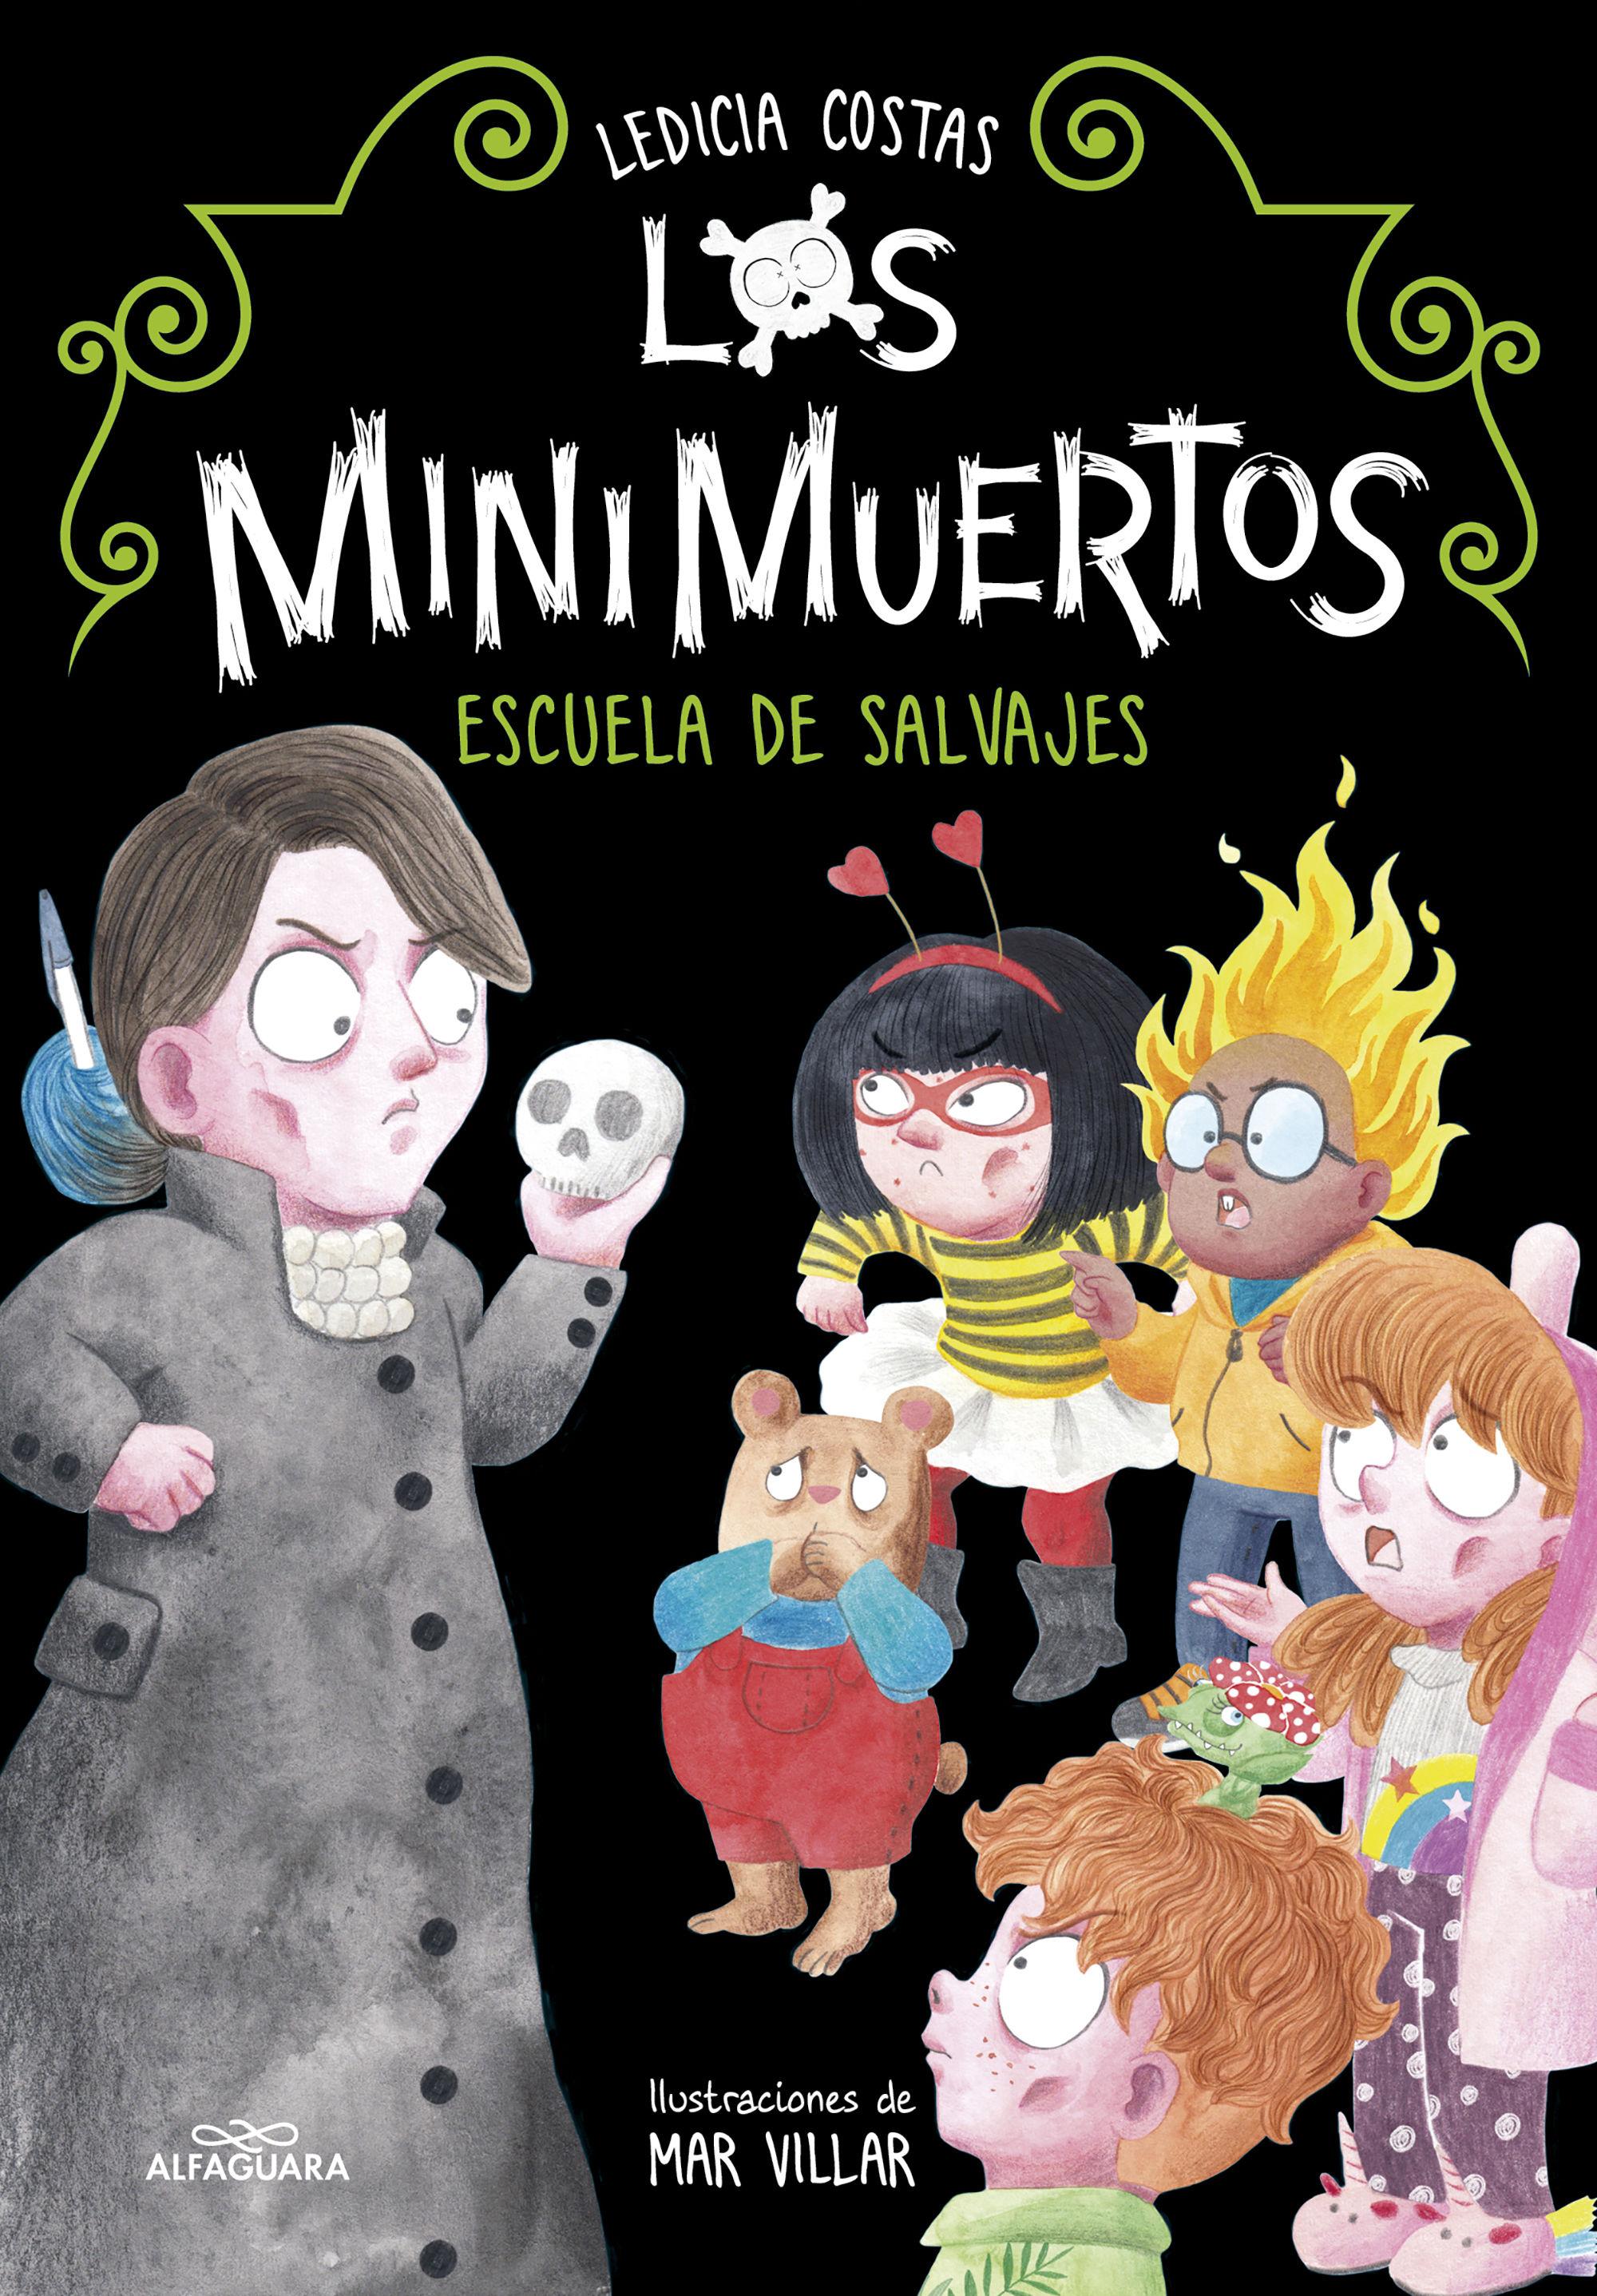 MINIMUERTOS 3 ESCUELA DE SALVAJES LOS